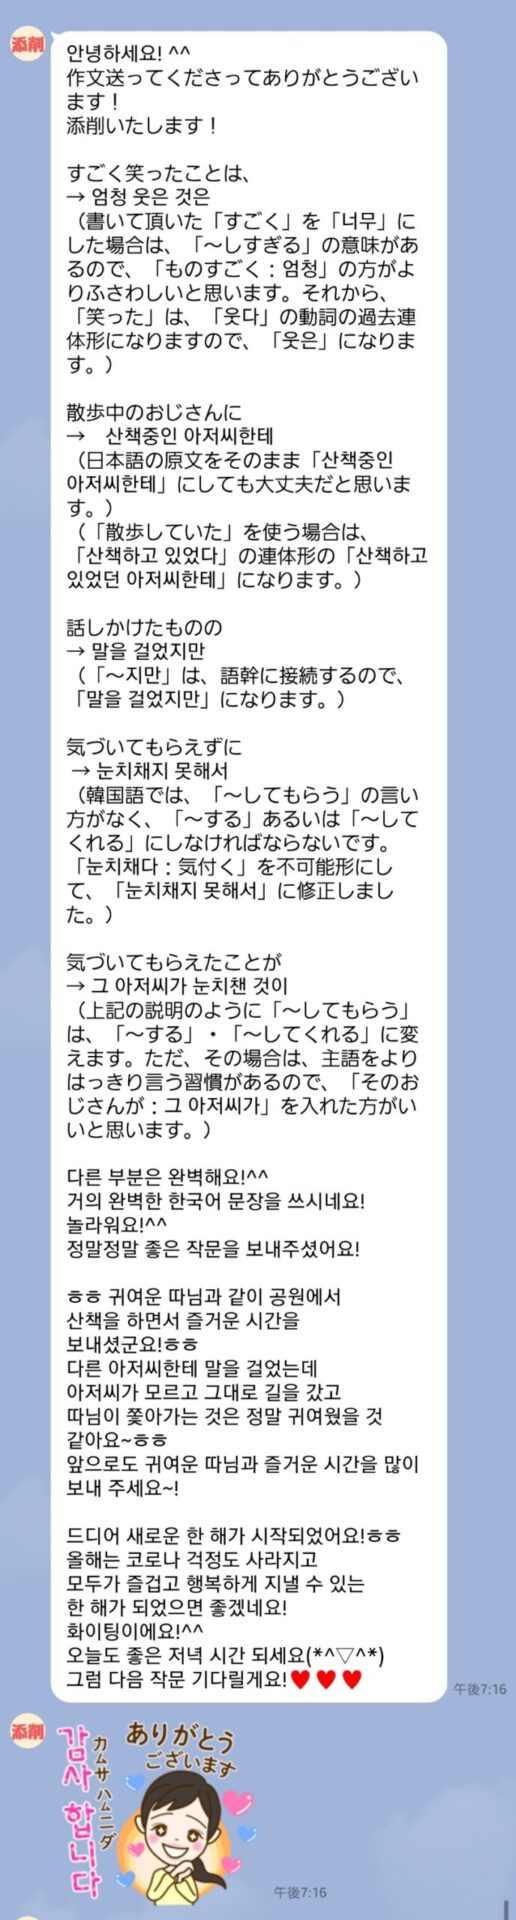 Screenshot_20210115-115726_LINE.jpg